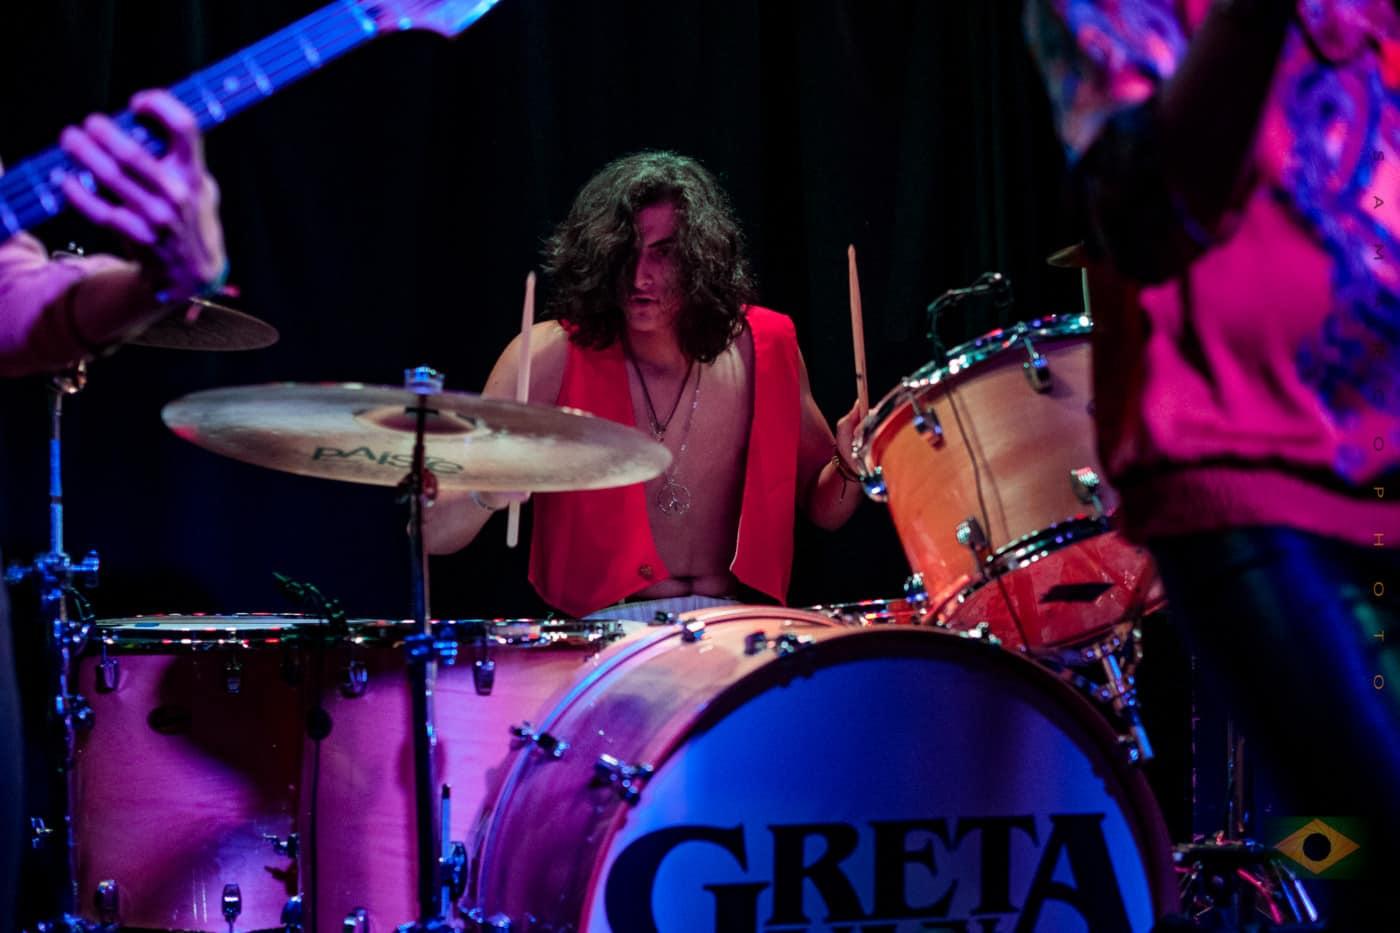 GretaVanGreet-4813